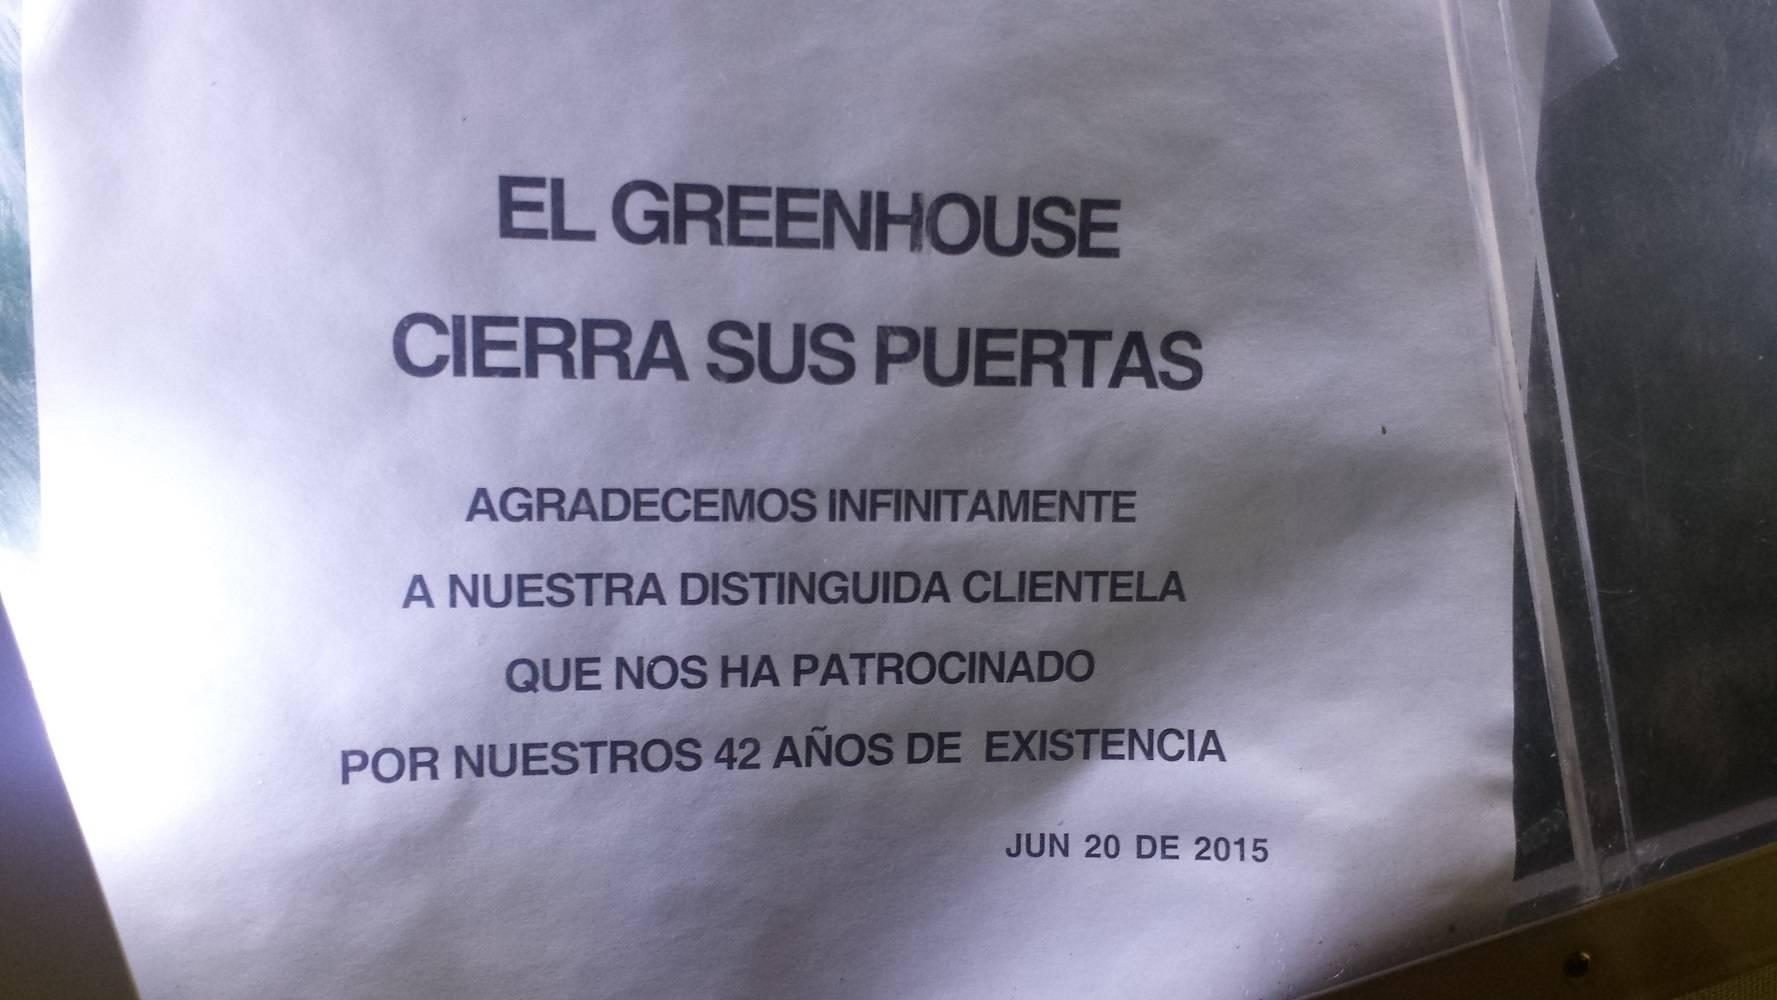 greenhouse06zulmanriverains616389104-174a3e1527179bf55fa6f636e57eeab2.jpg